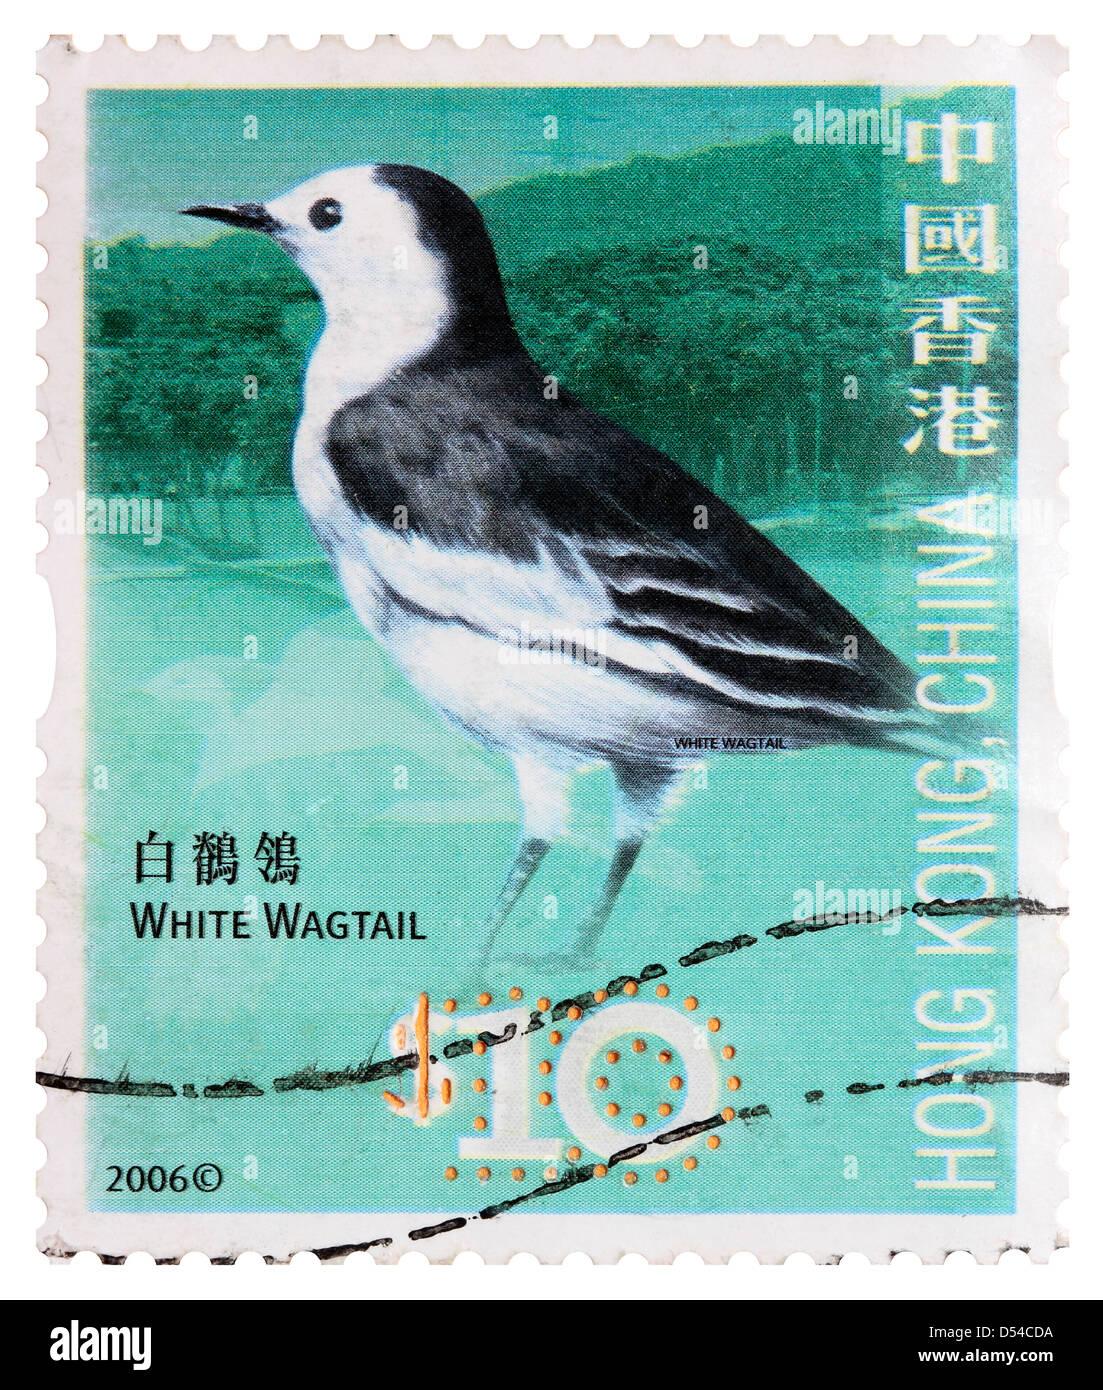 Used Ten Hong Kong Dollar Postage Stamp - White Wagtail - Stock Image